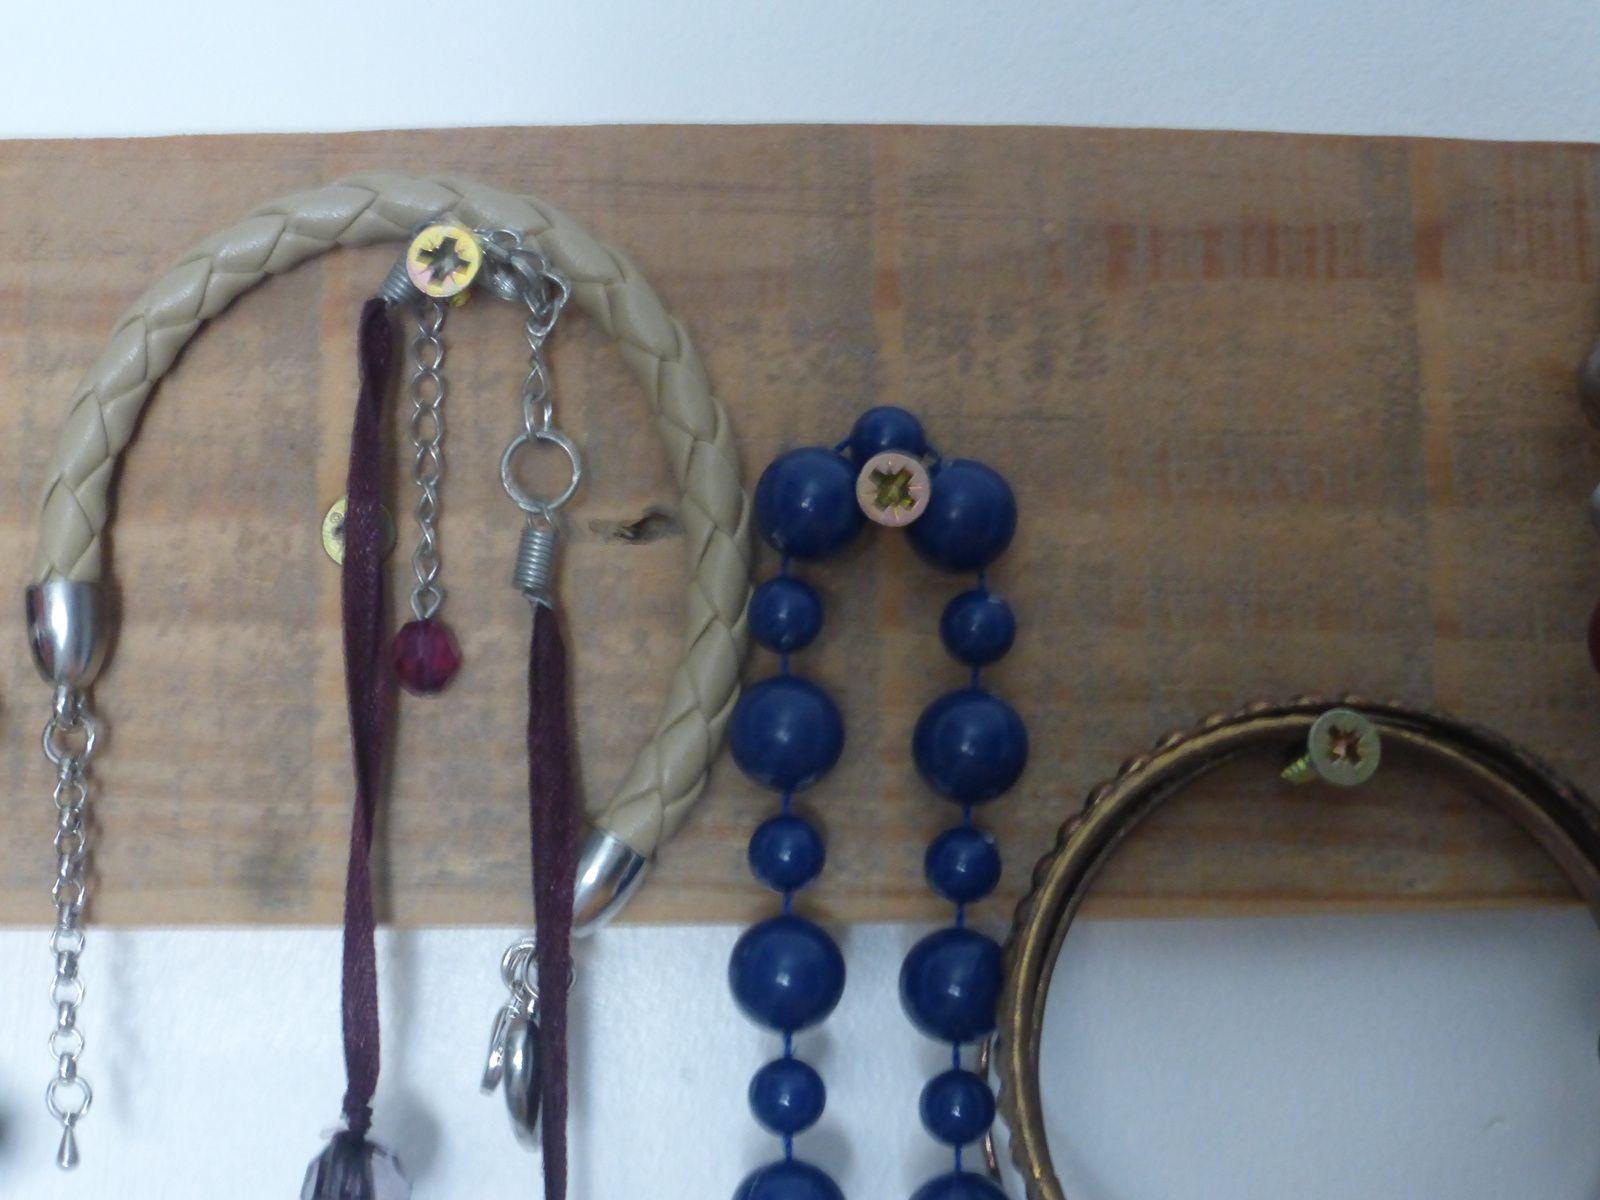 Le porte bijoux en 2 coups de ponceuse et perceuse